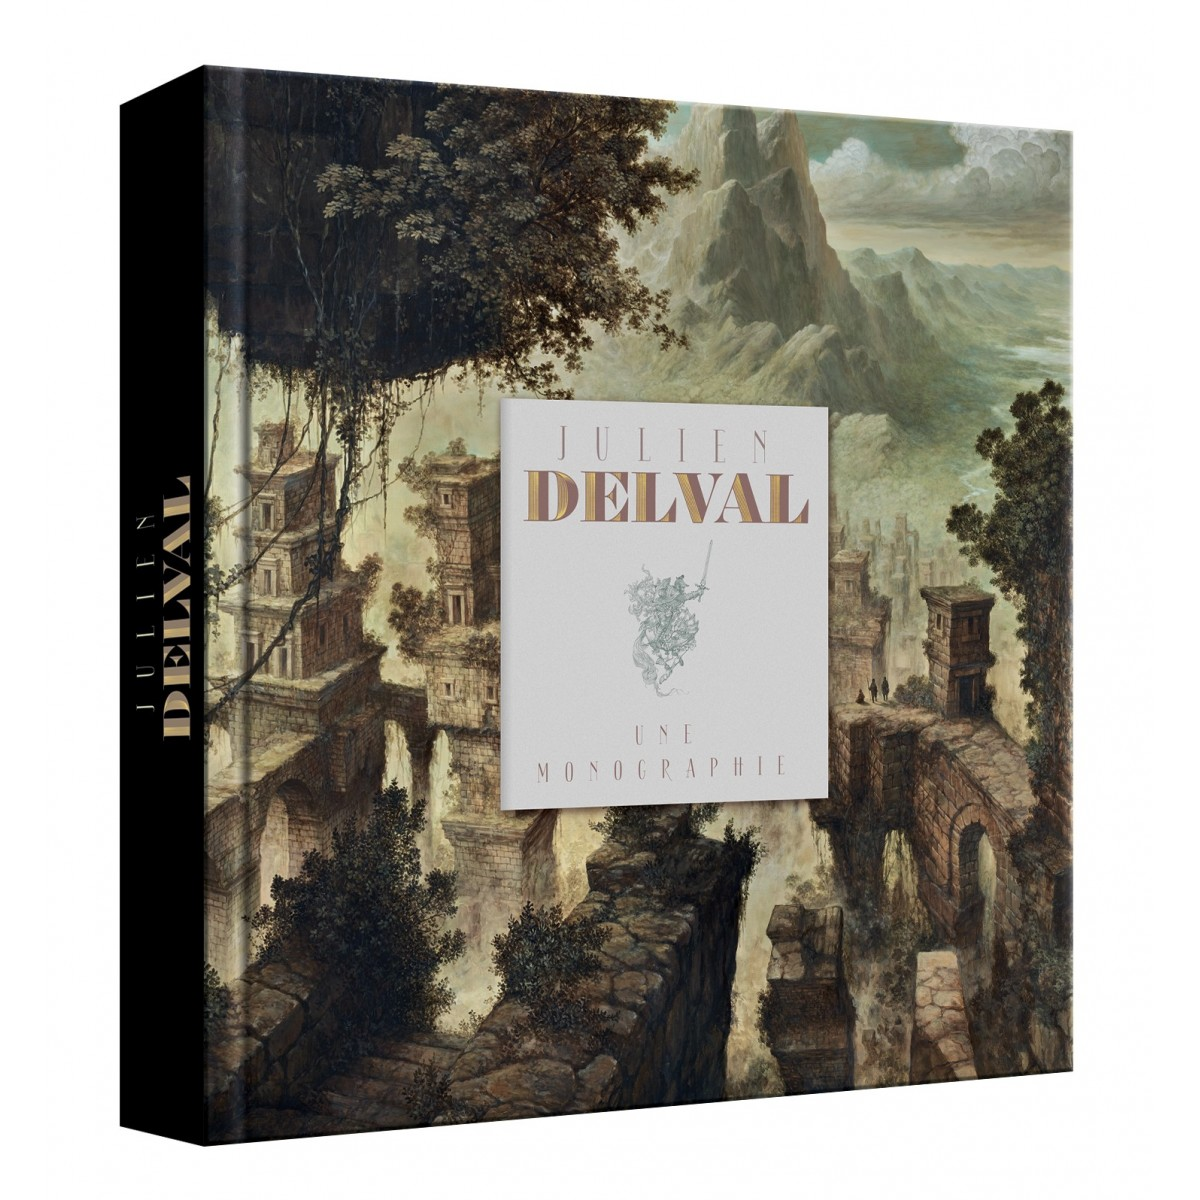 Julien Delval - Monographie